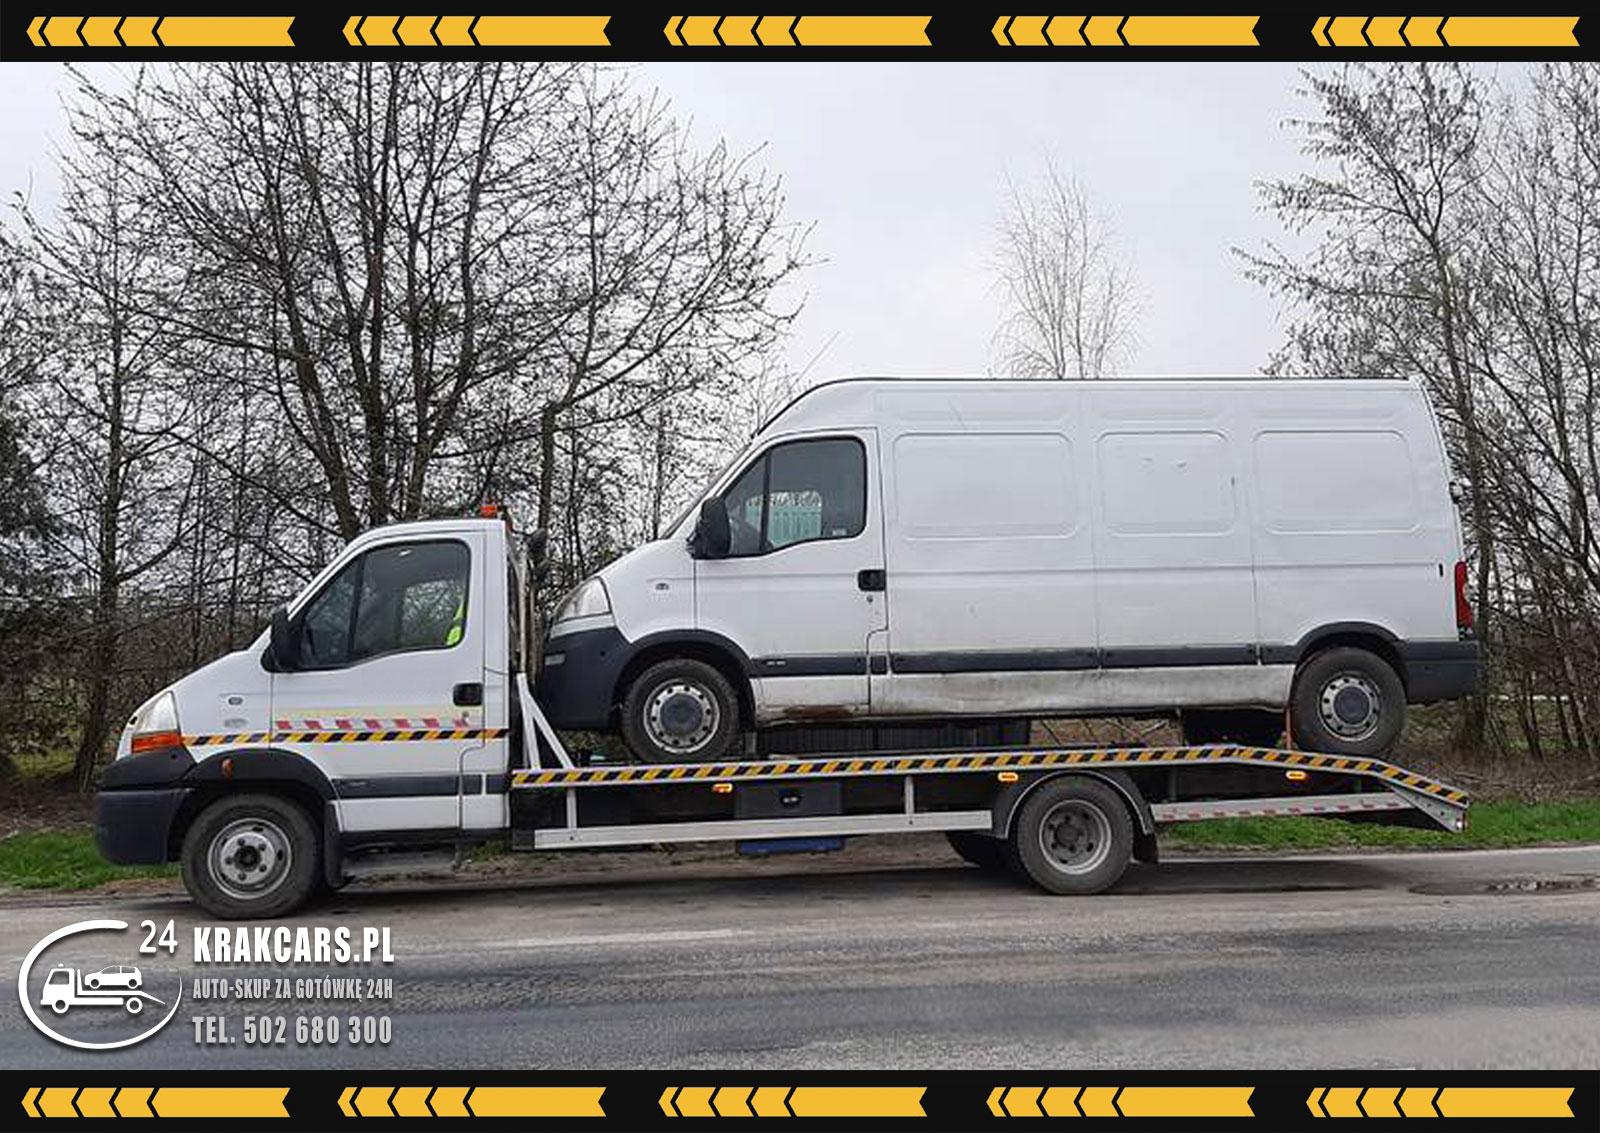 Skup wszelkich pojazdów w każdym stanie i za gotówkę w najlepszej cenie. Działamy na obszarze woj. śląskiego. Chcesz sprzedać auto? tel. 502 680 300